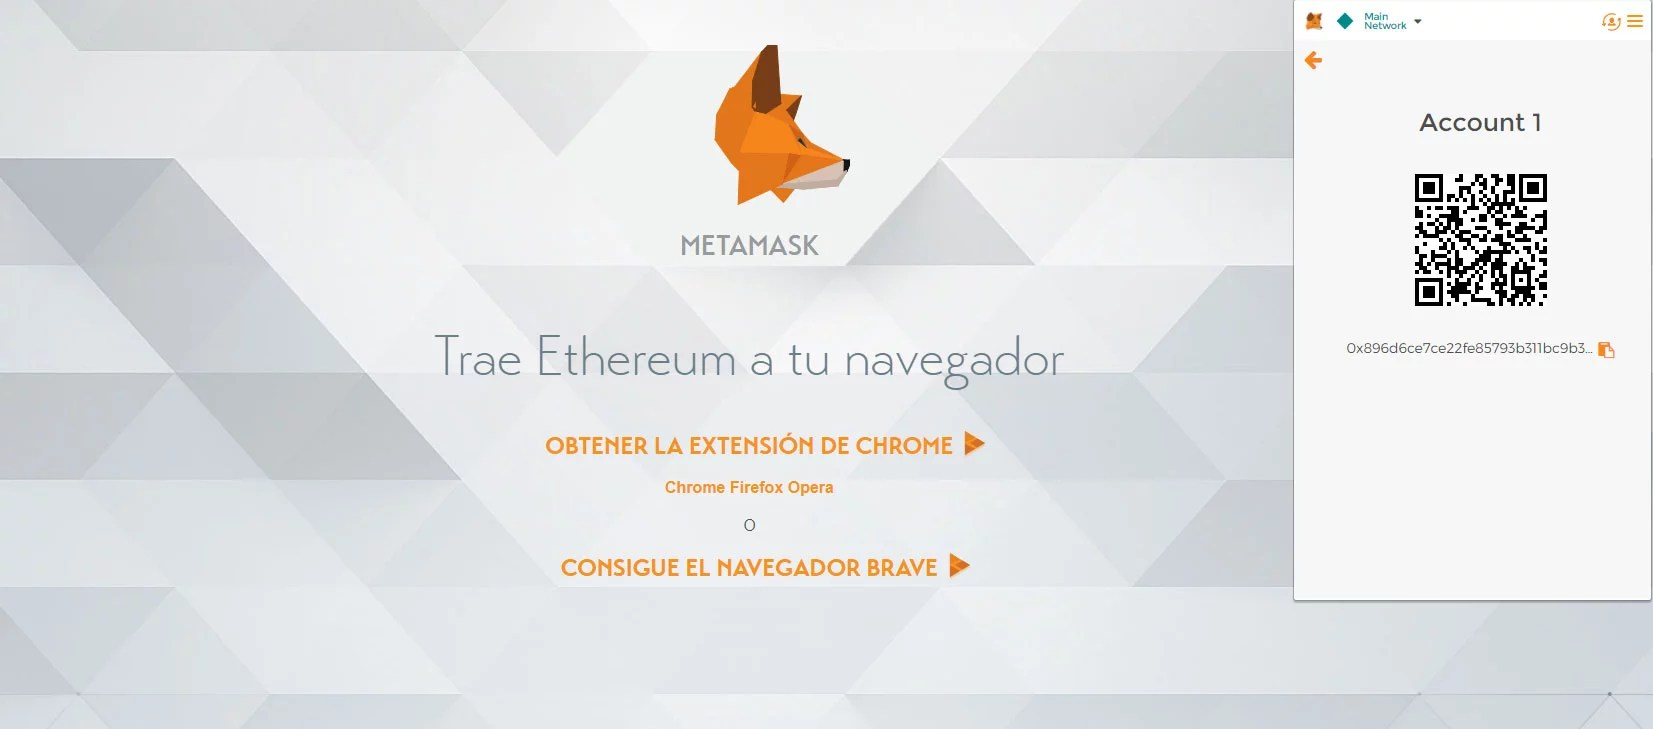 QR de metamask